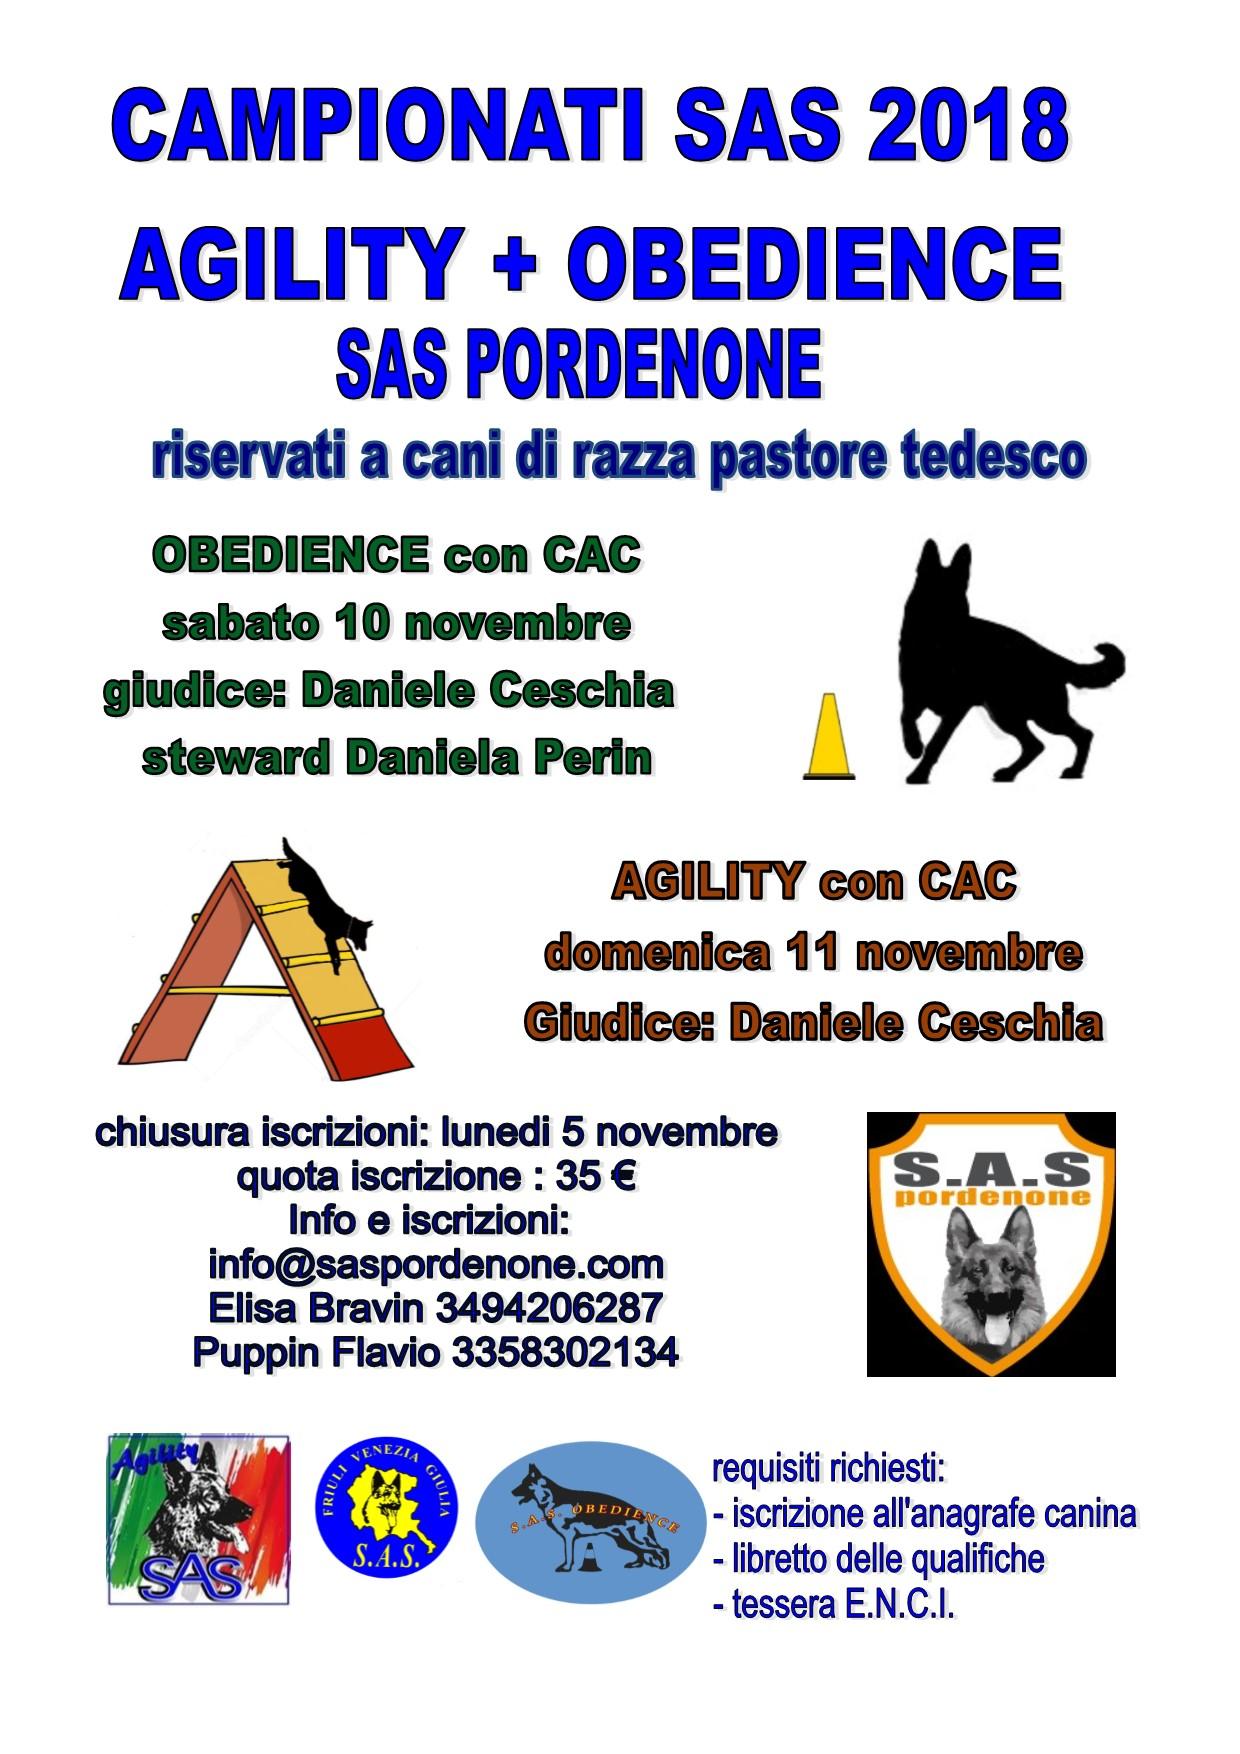 Campionato agility Obedience 2018